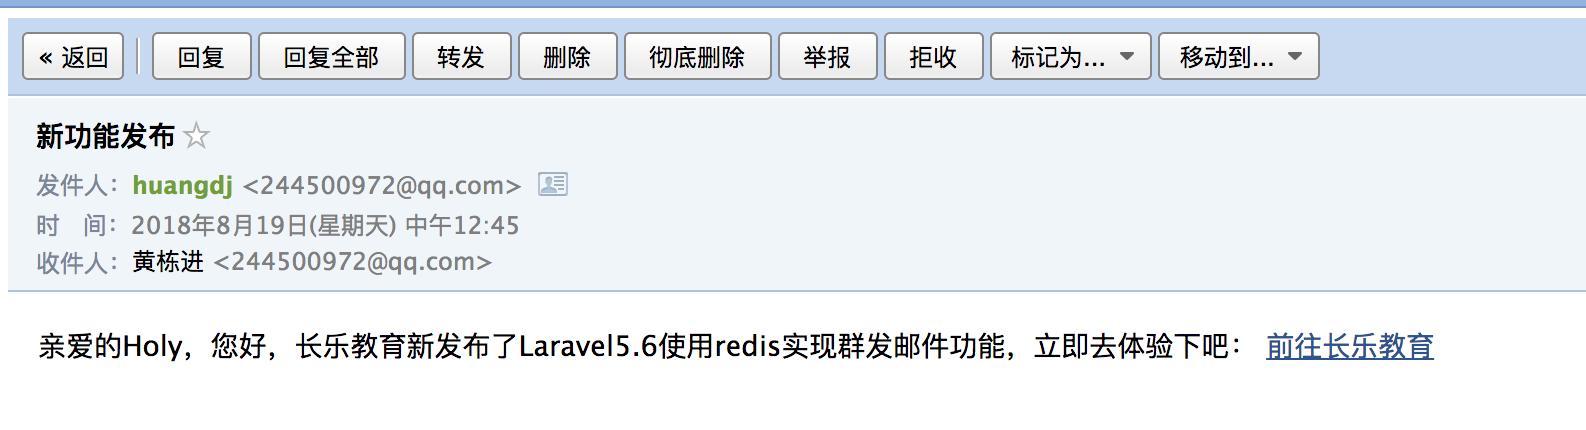 Laravel5.6 使用定時任務實現定時發郵件